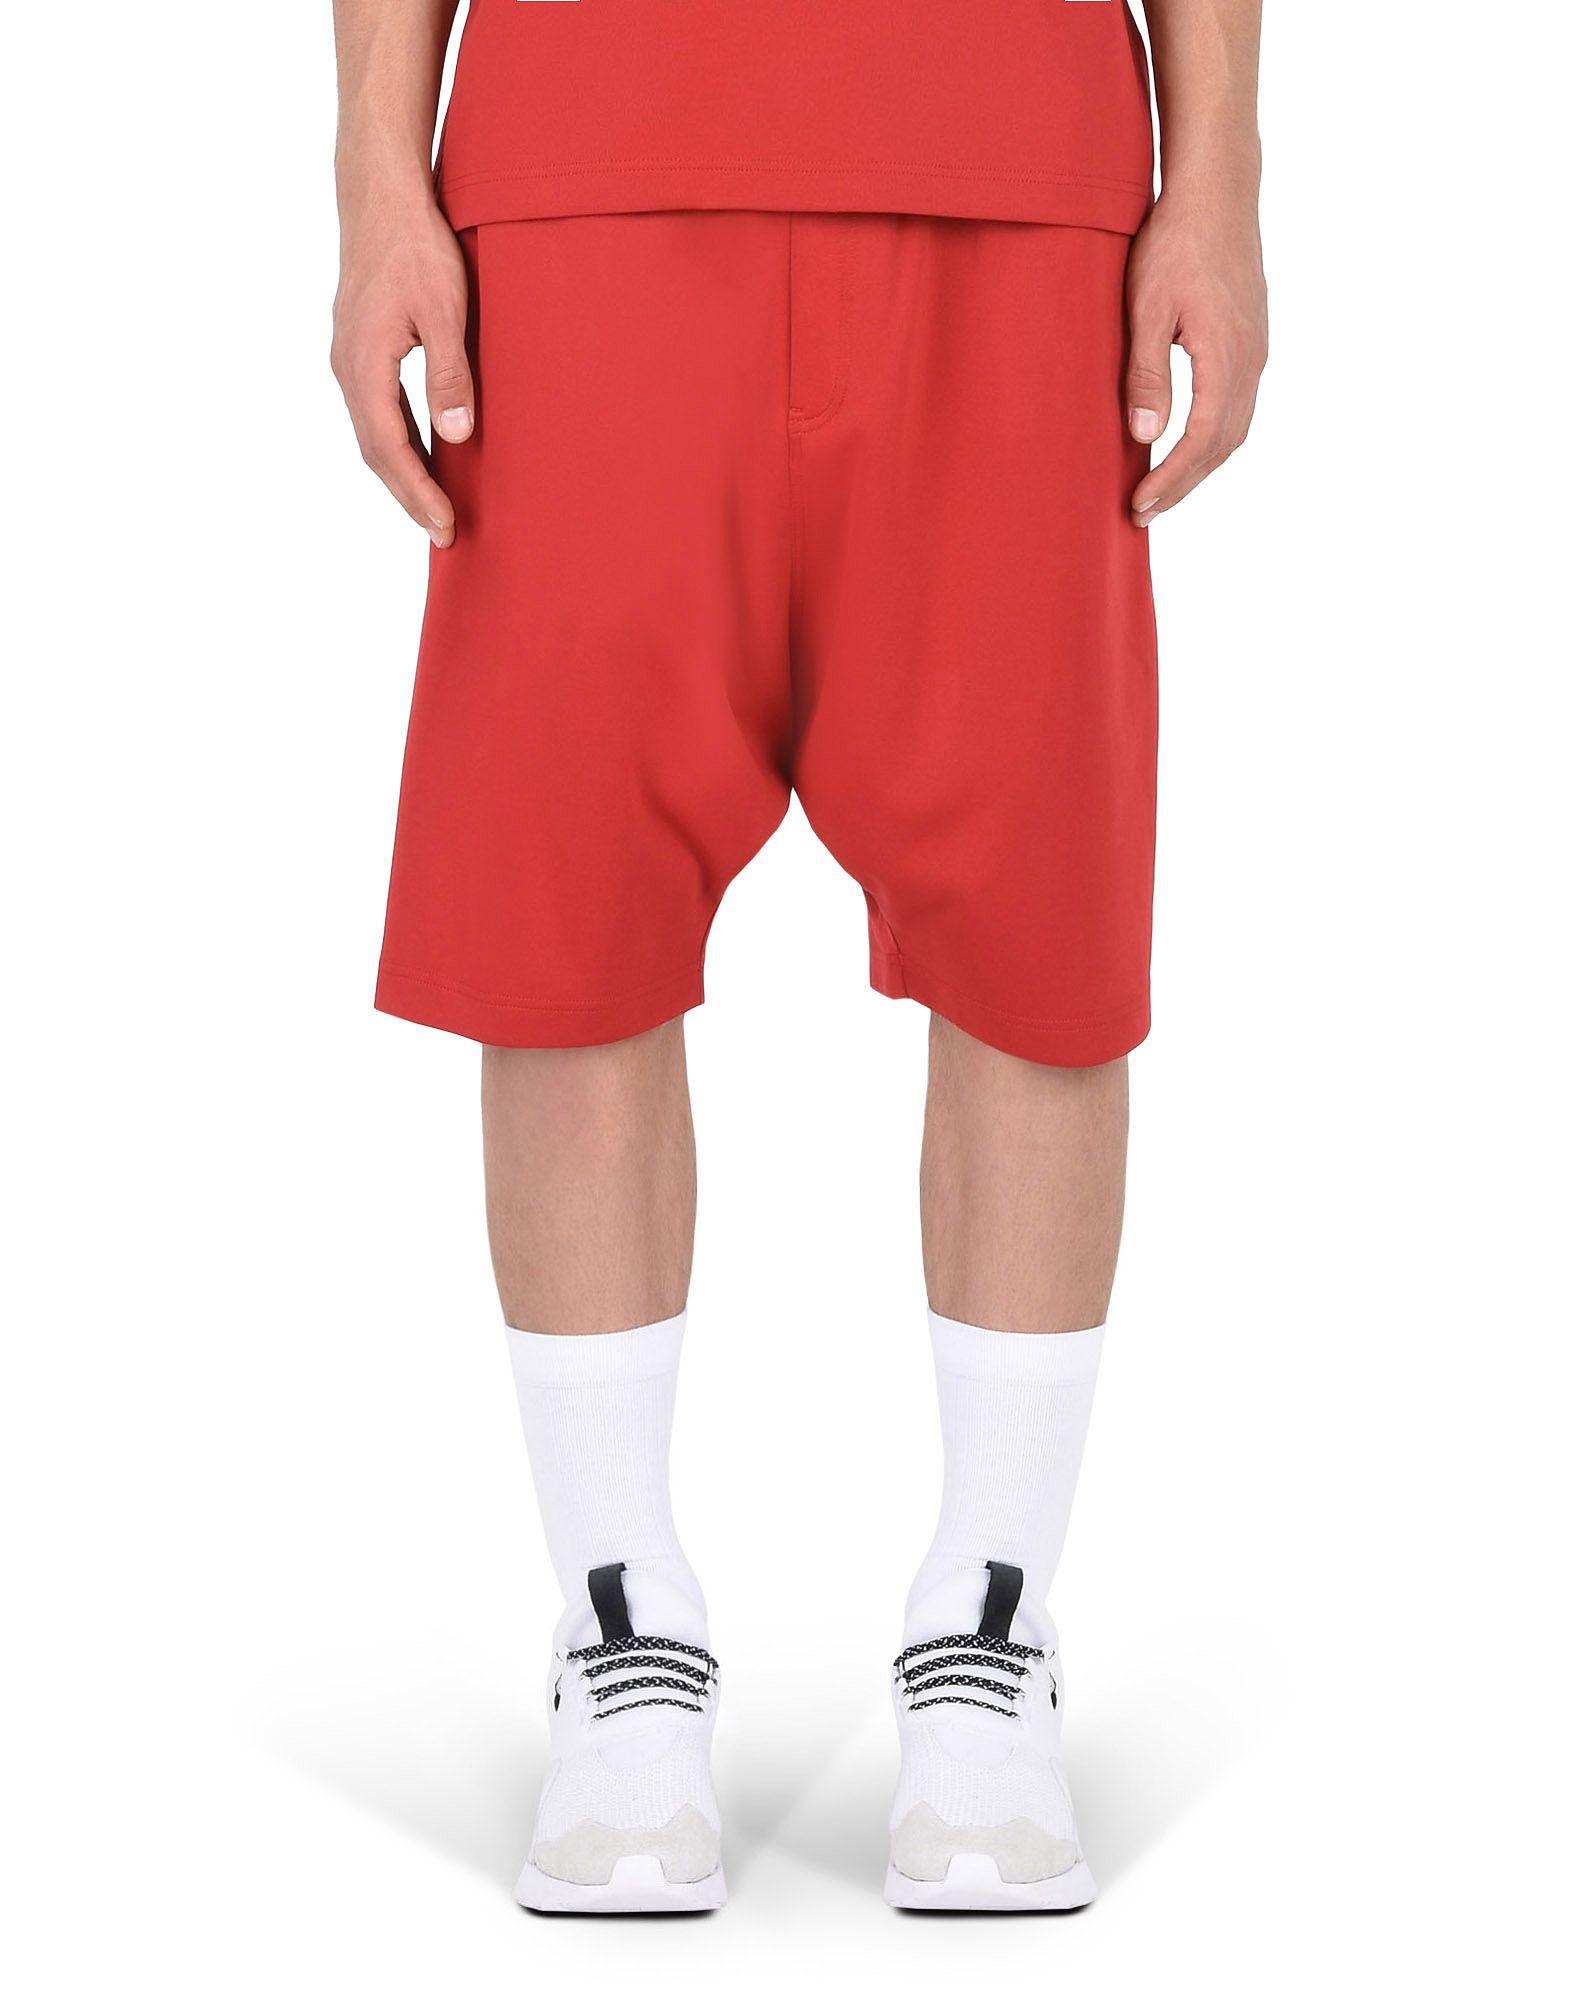 Y-3 Y-3 3-STRIPES SHORTS Shorts Man r